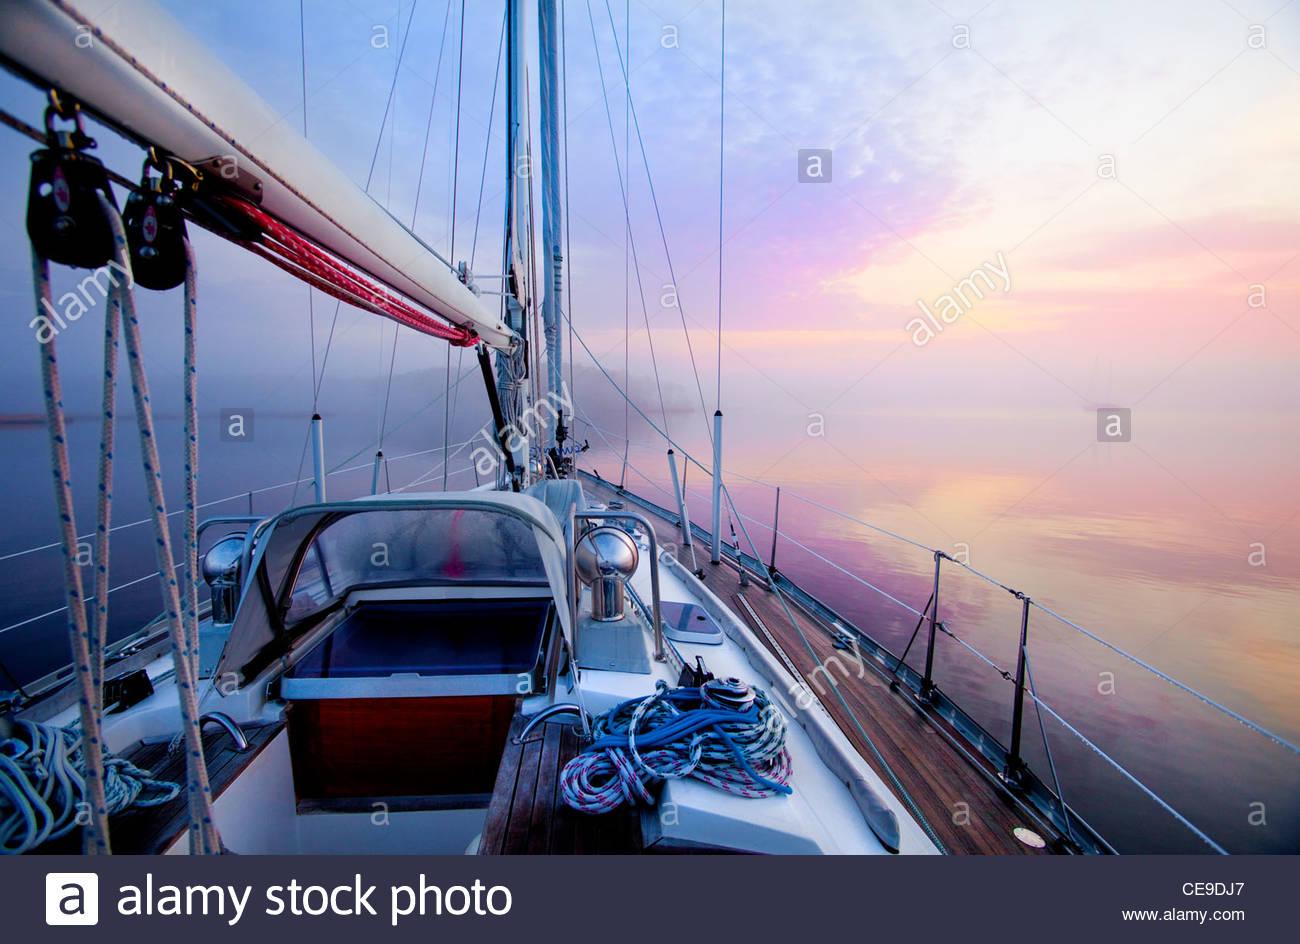 L'aube depuis le pont d'un voilier de l'Atlantique le long de l'Intracoastal Waterway, Pamlico Sound, Photo Stock